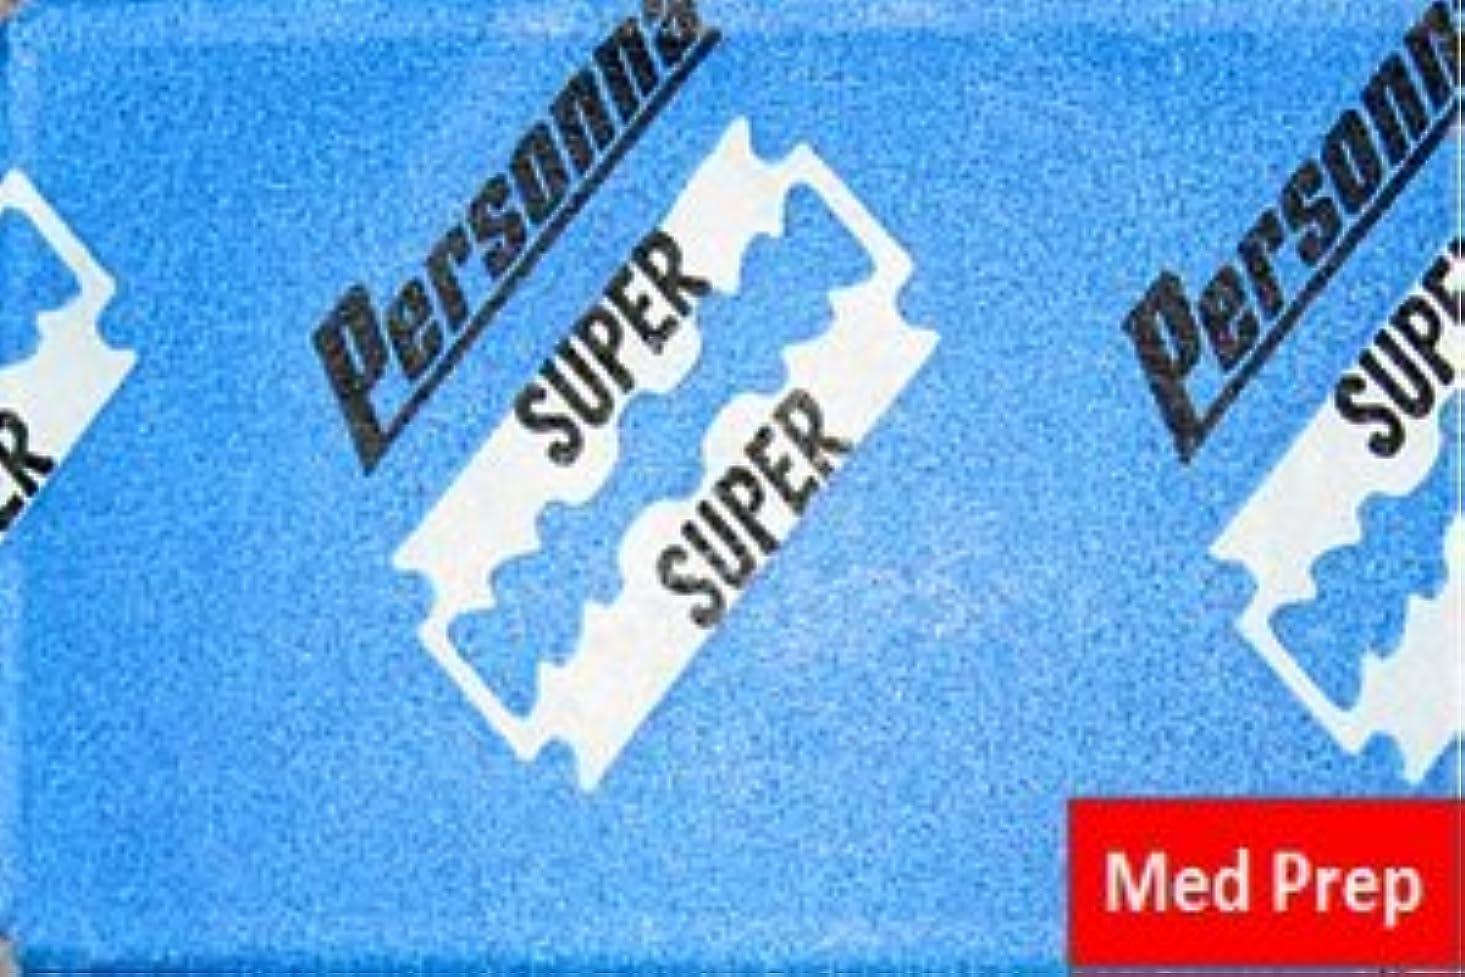 フォーマル共産主義動員するPersonna Med Prep 両刃替刃 5枚入り(5枚入り1 個セット)【並行輸入品】